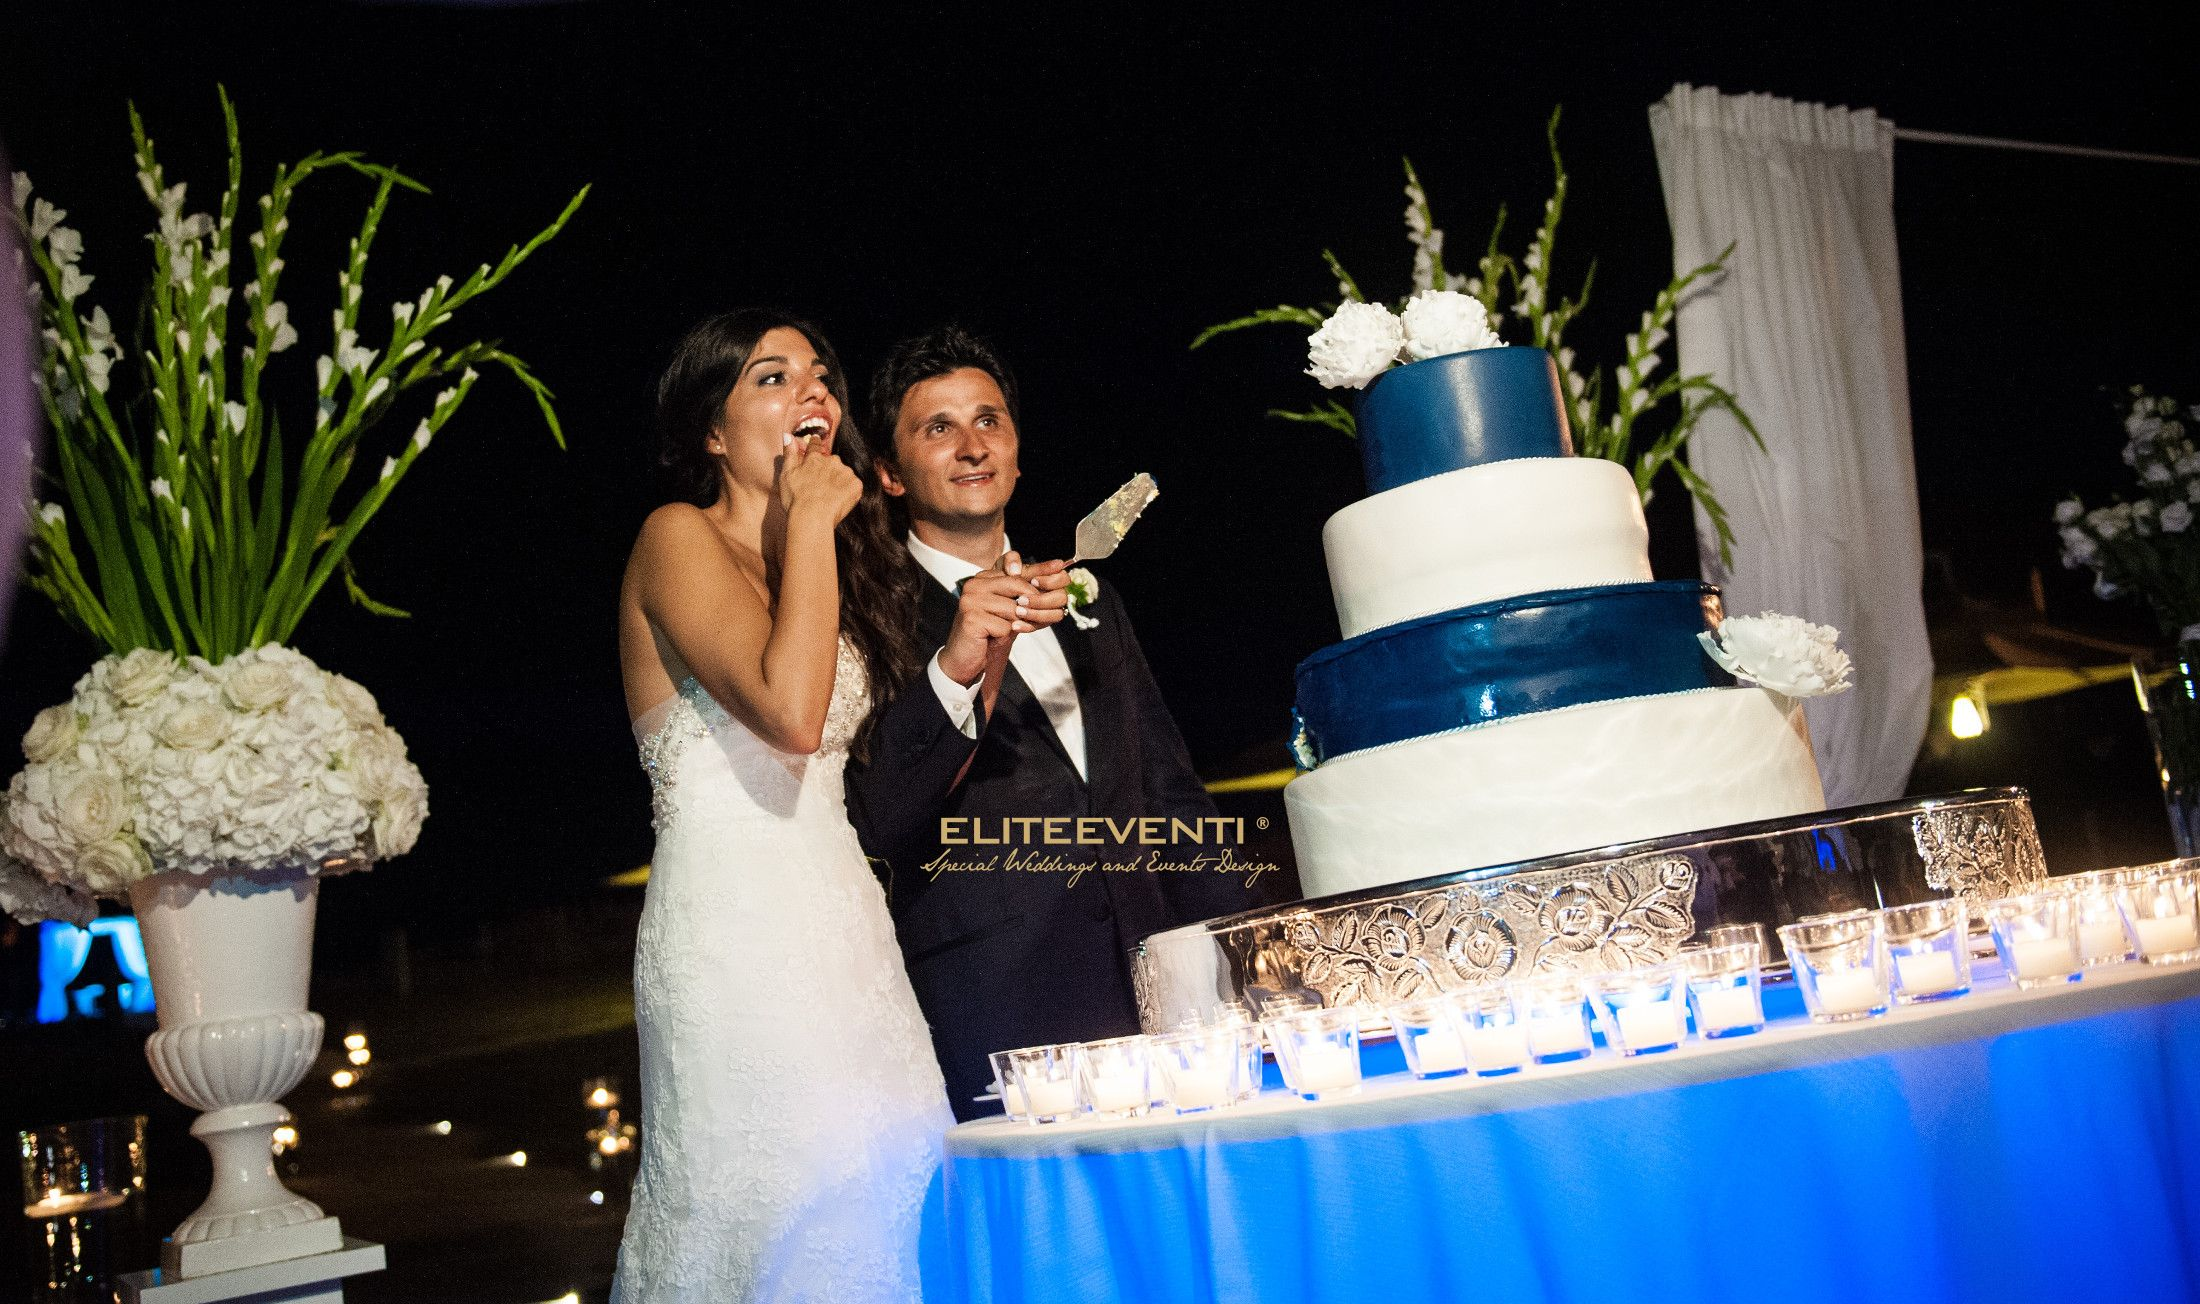 Matrimonio Esclusivo a tema nautico - By Eliteeventi